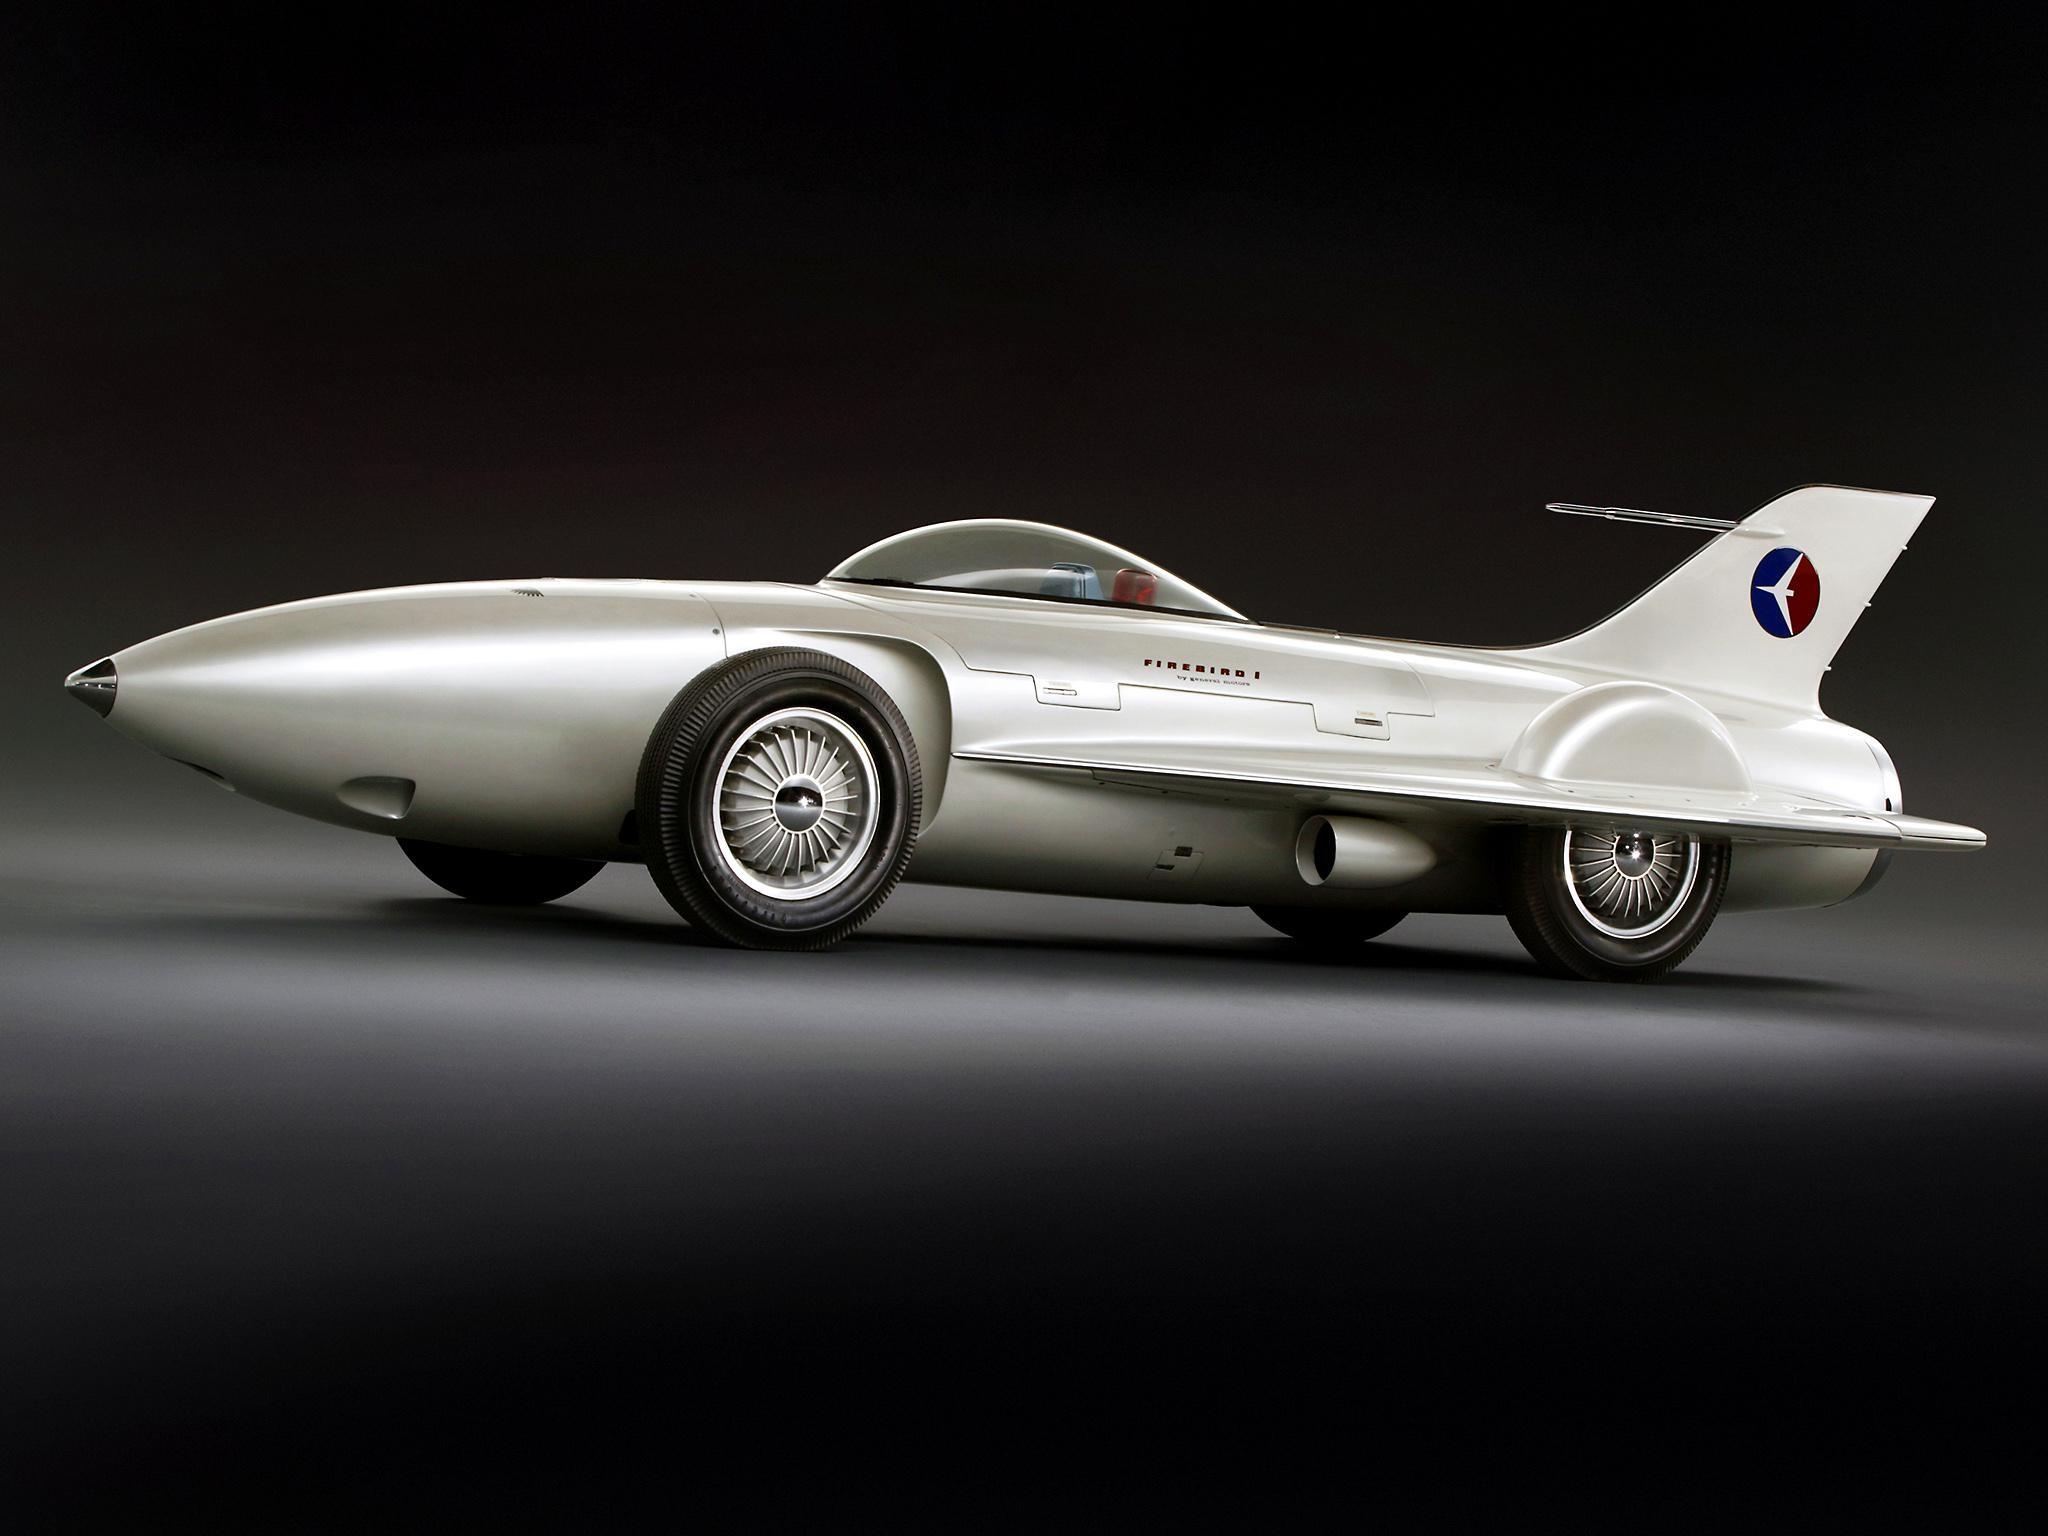 Res: 2048x1536, HD 1954 General Motors Firebird Concept Car Retro Race Racing Background  Images Wallpaper